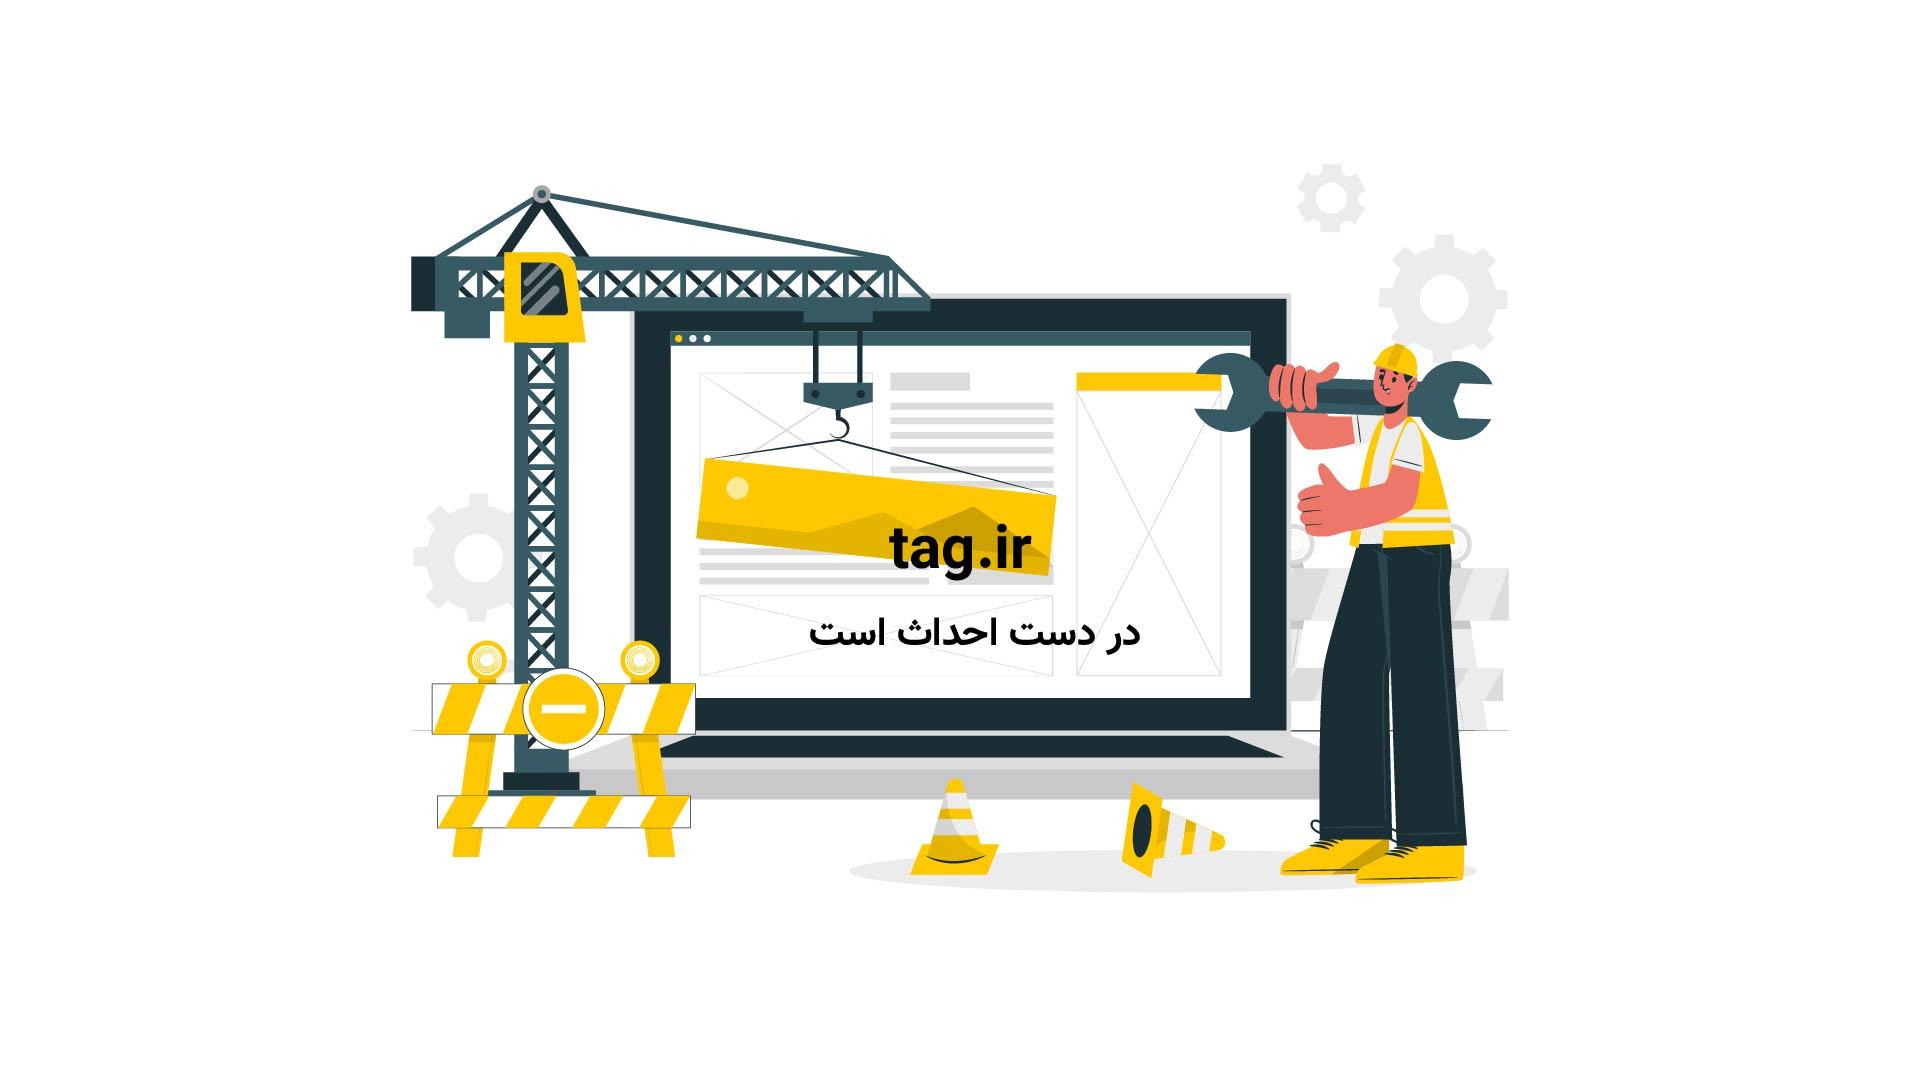 نماز پیکر رفسنجانی | تگ